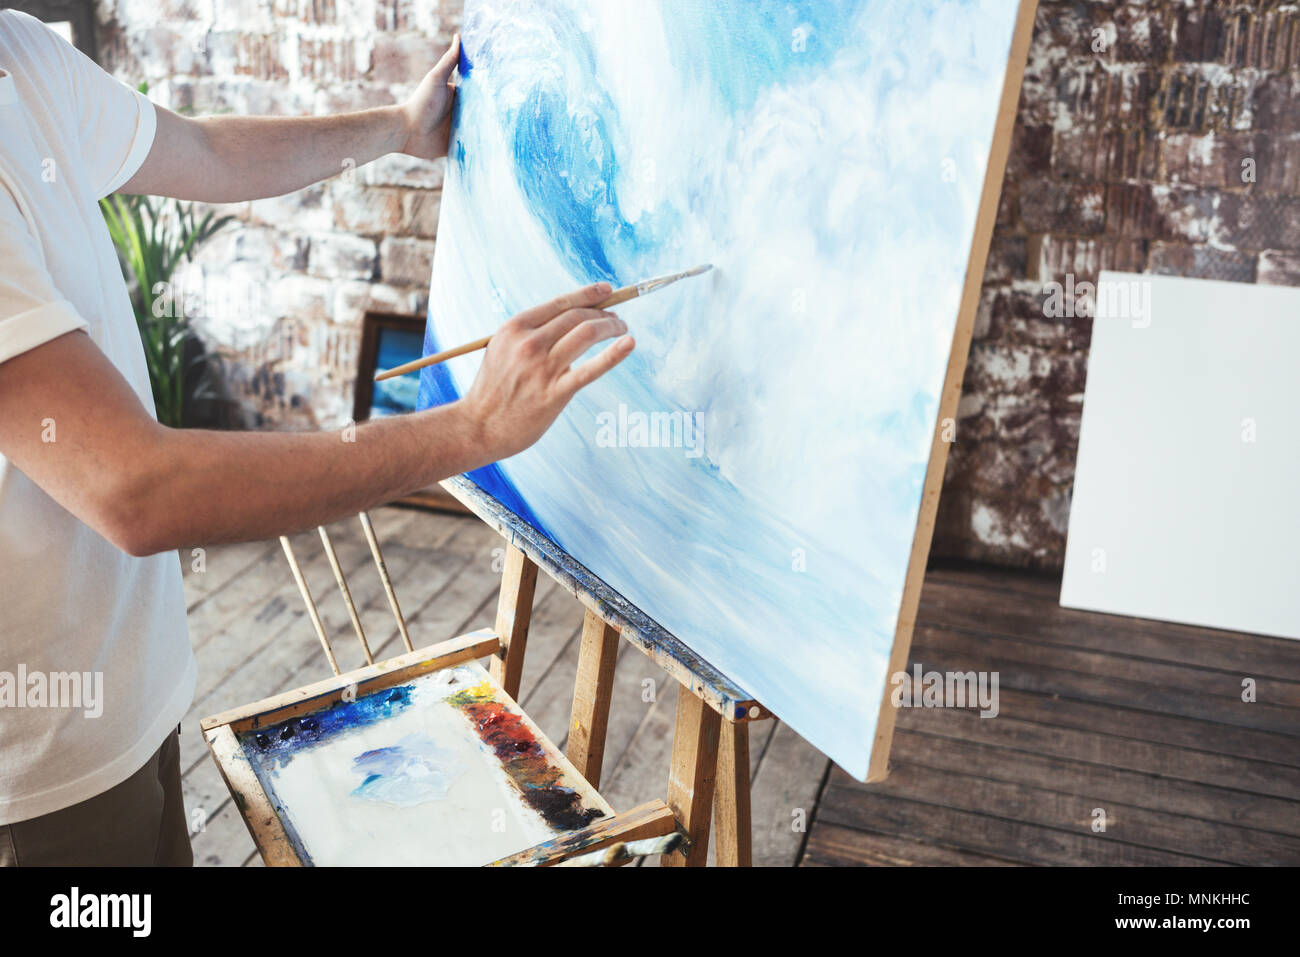 Processus de dessin avec oilpaints et pinceau. Artiste peint sur toile peinture sur chevalet dans Studio. Hobby Photo Stock